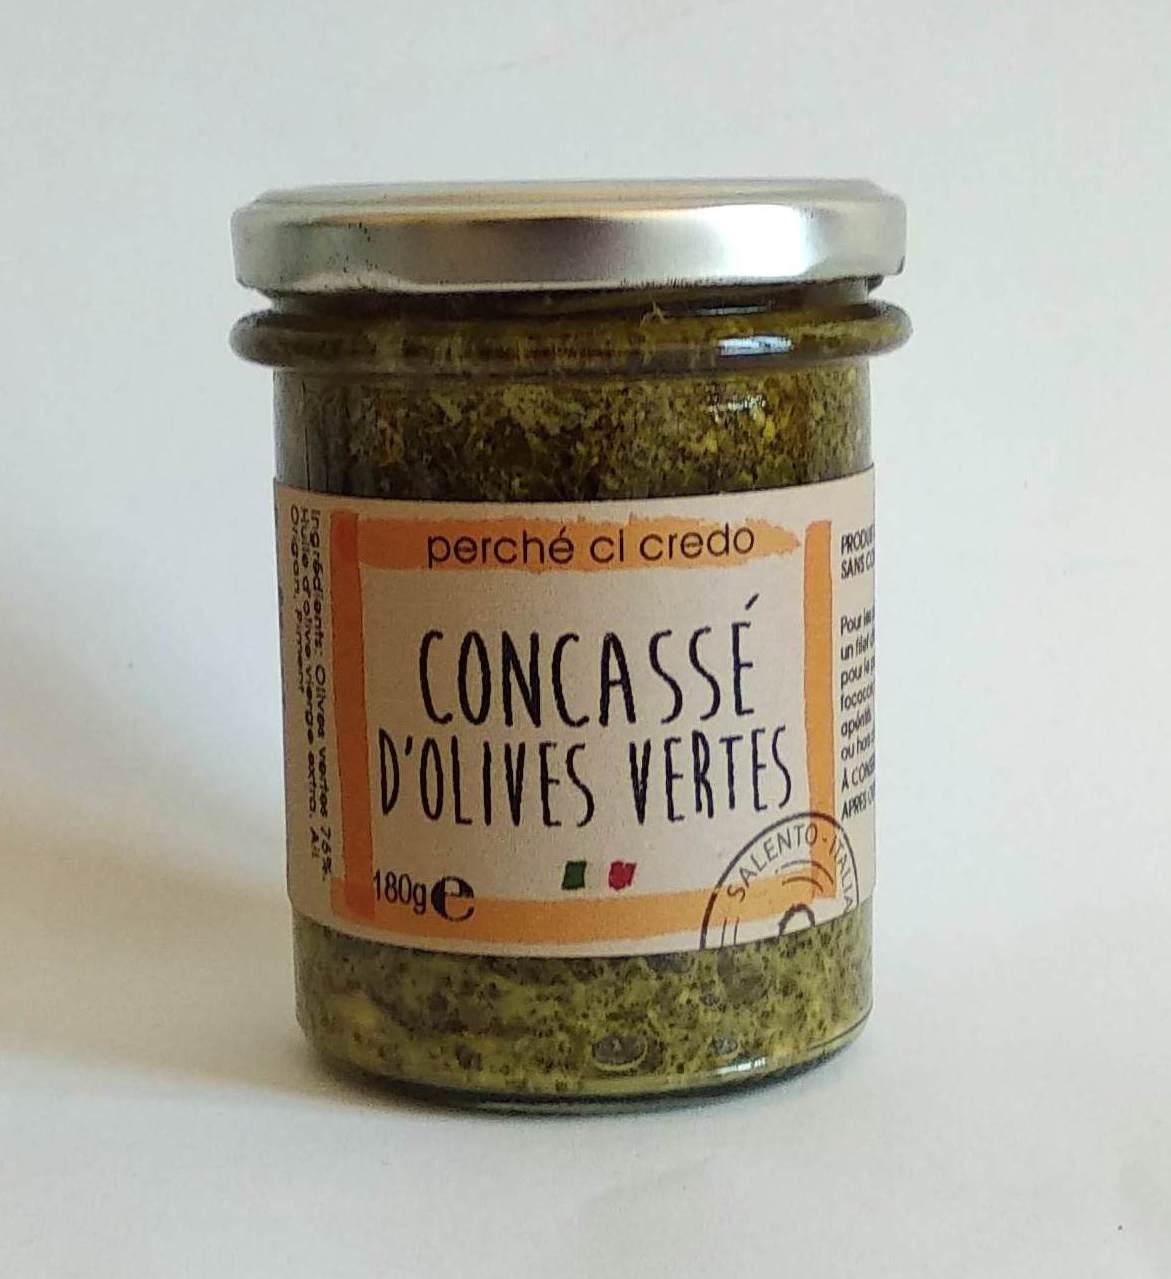 Concassé d'olives vertes, Perche Ci Credo (190 g)